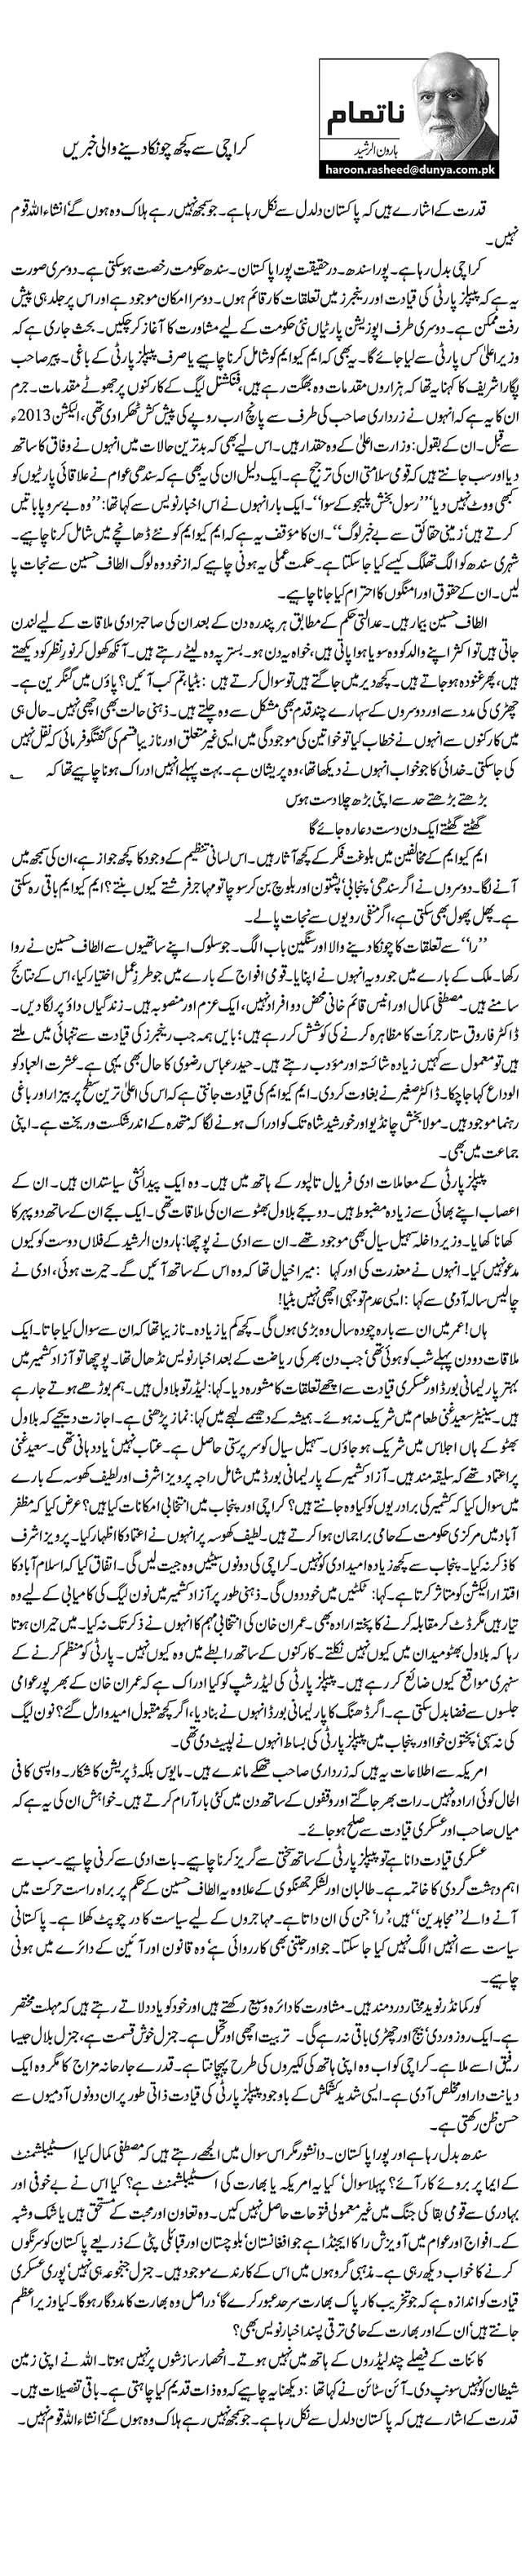 کراچی سے کچھ چونکا دینے والی خبریں